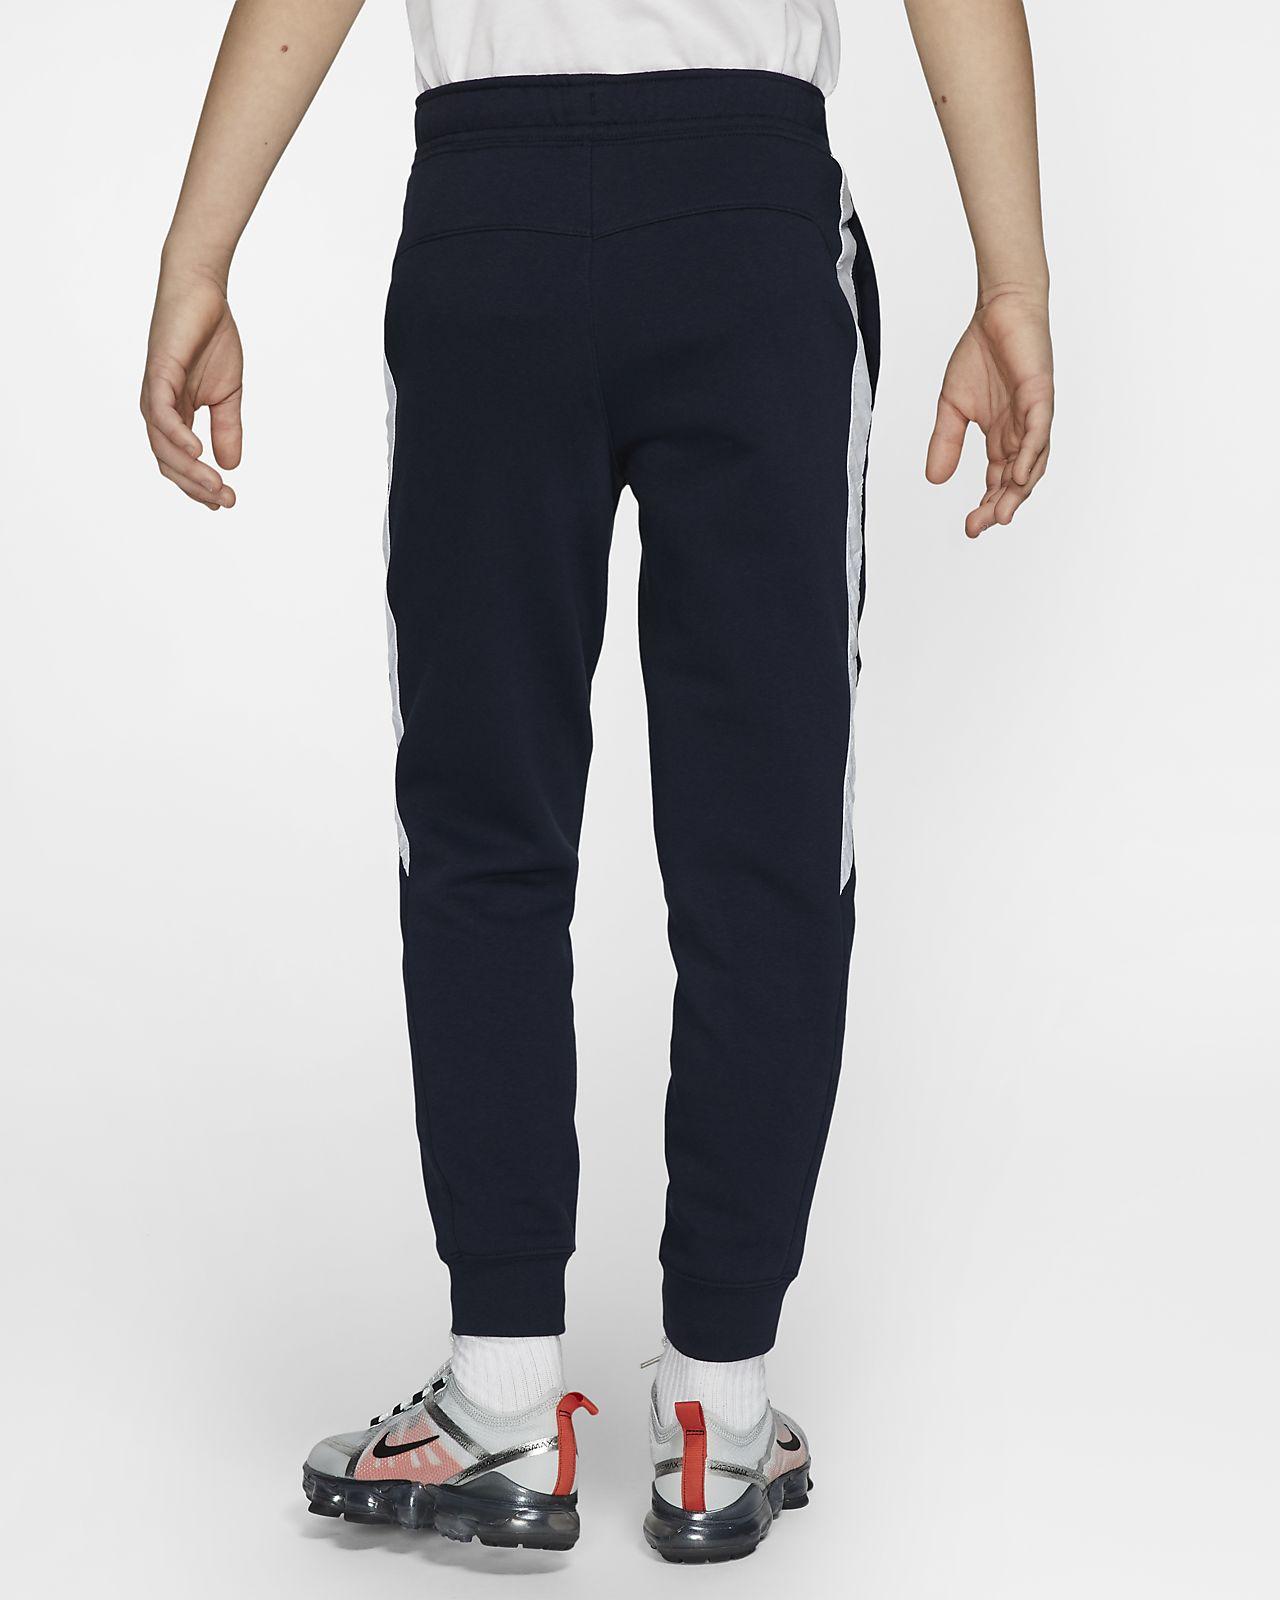 Plus Pour Âgé Pantalon Sportswear Enfant De Jogging Nike eCxBdo